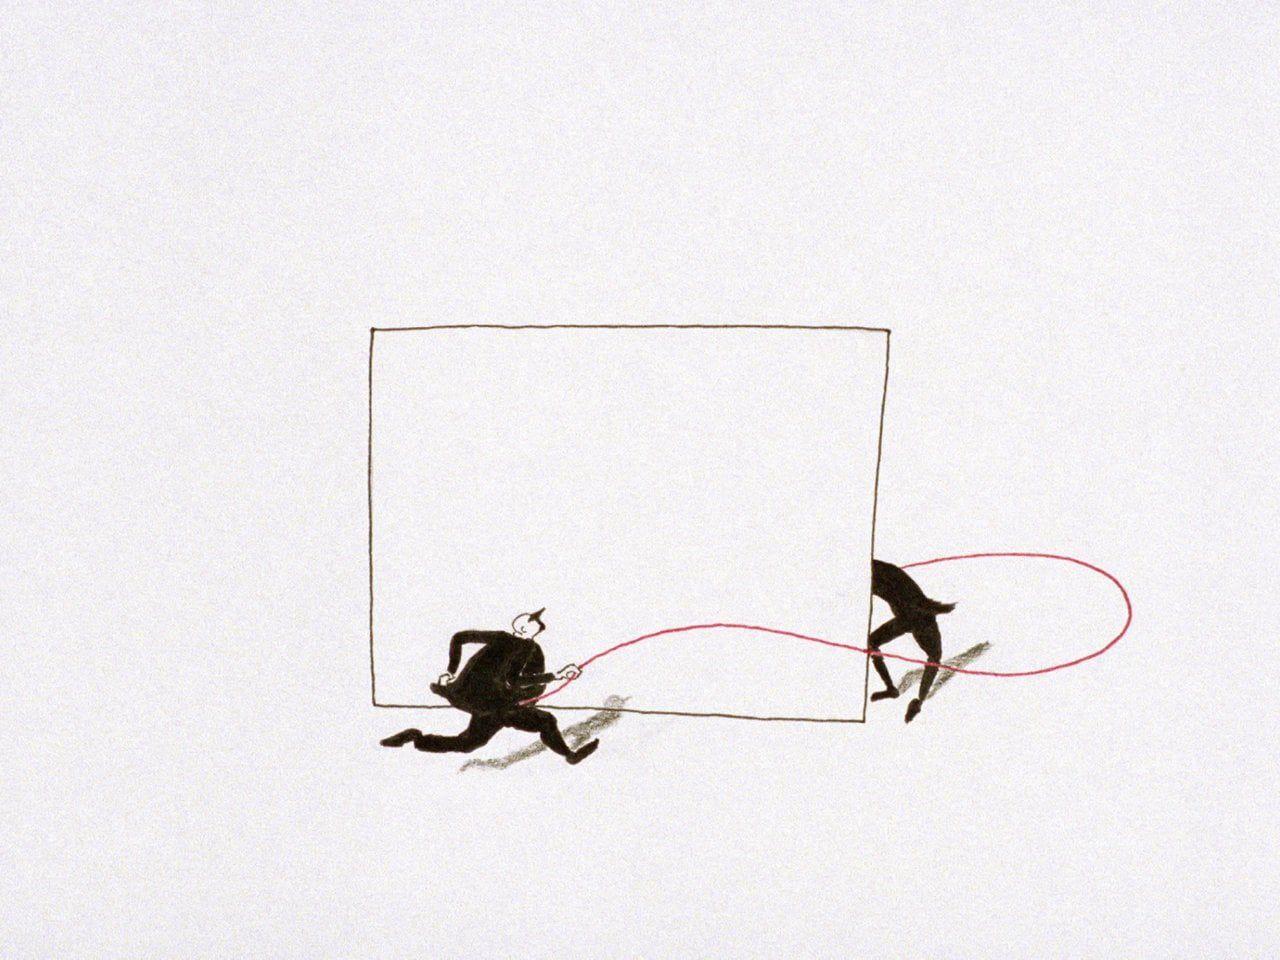 Rope Dance (Seiltänzer), by Raimund Krumme (Preview) (With